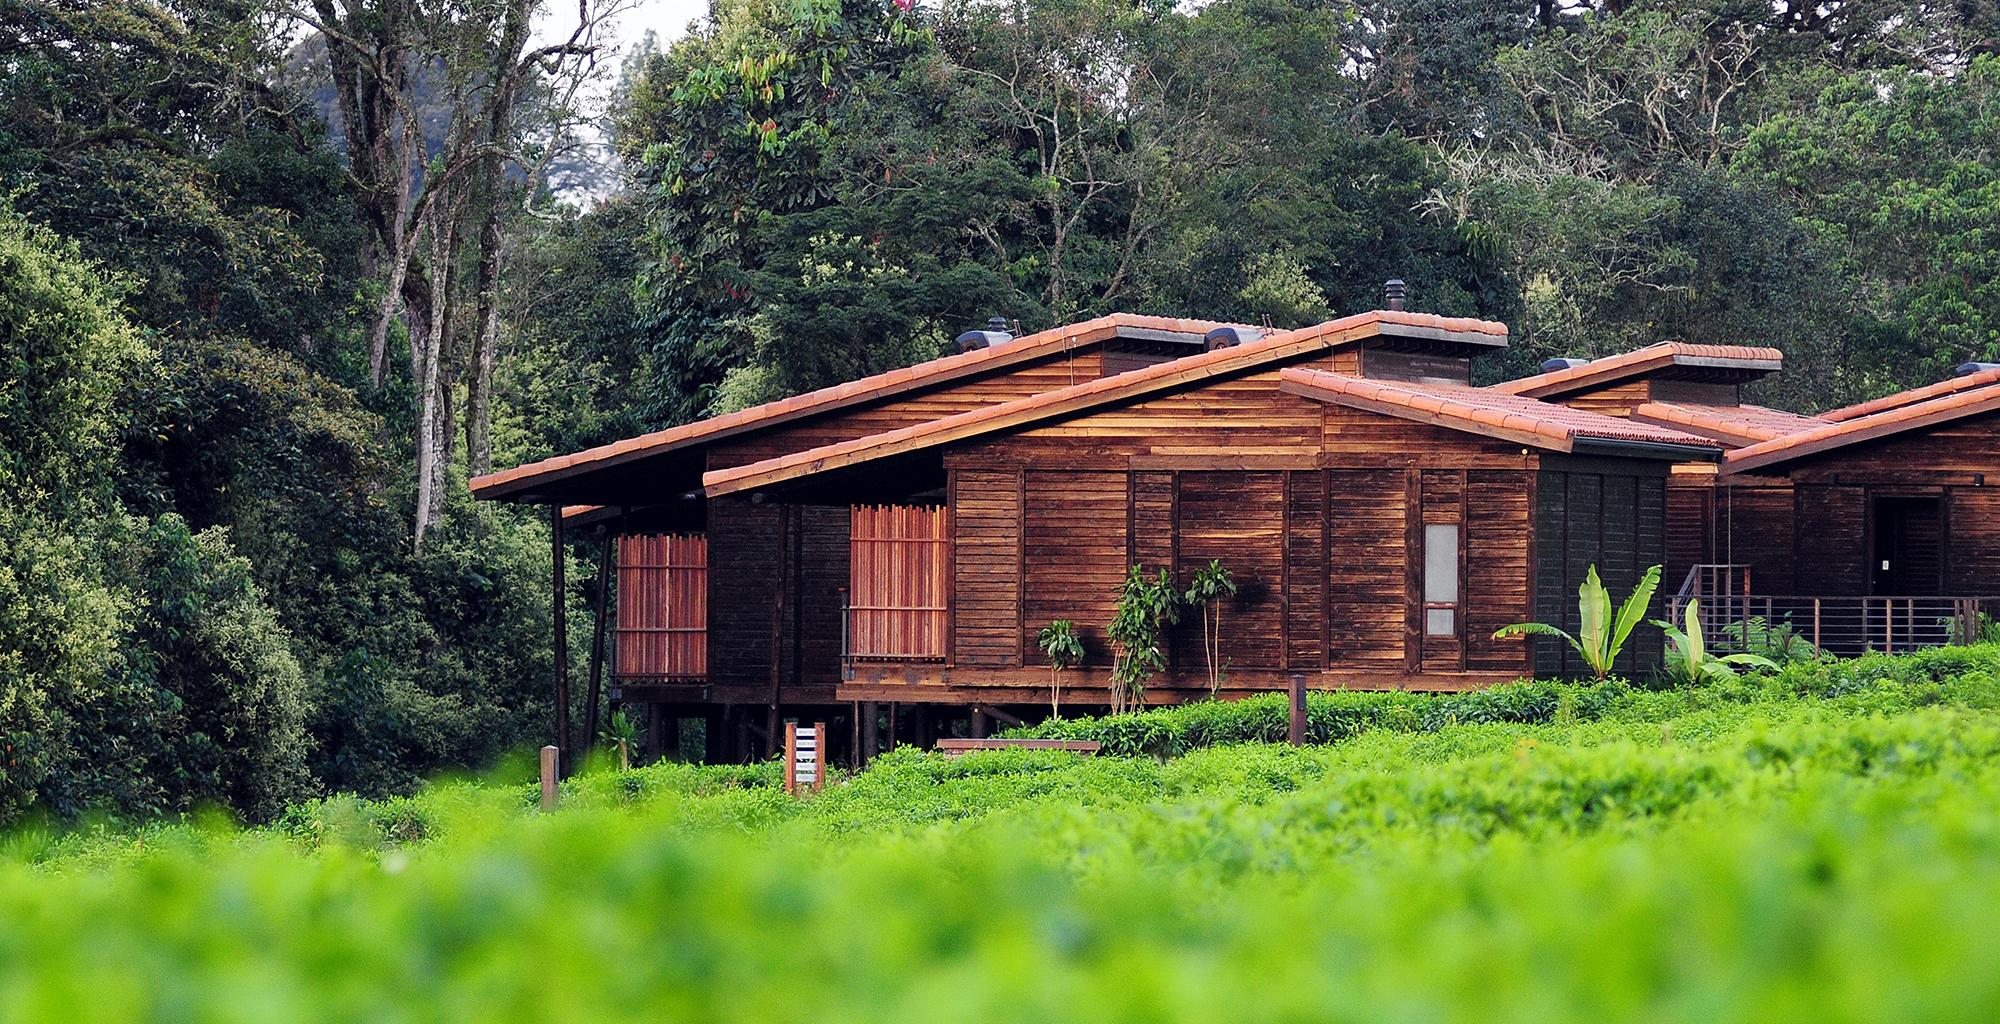 Rwanda-Nyungwe-Forest-Lodge-Exterior